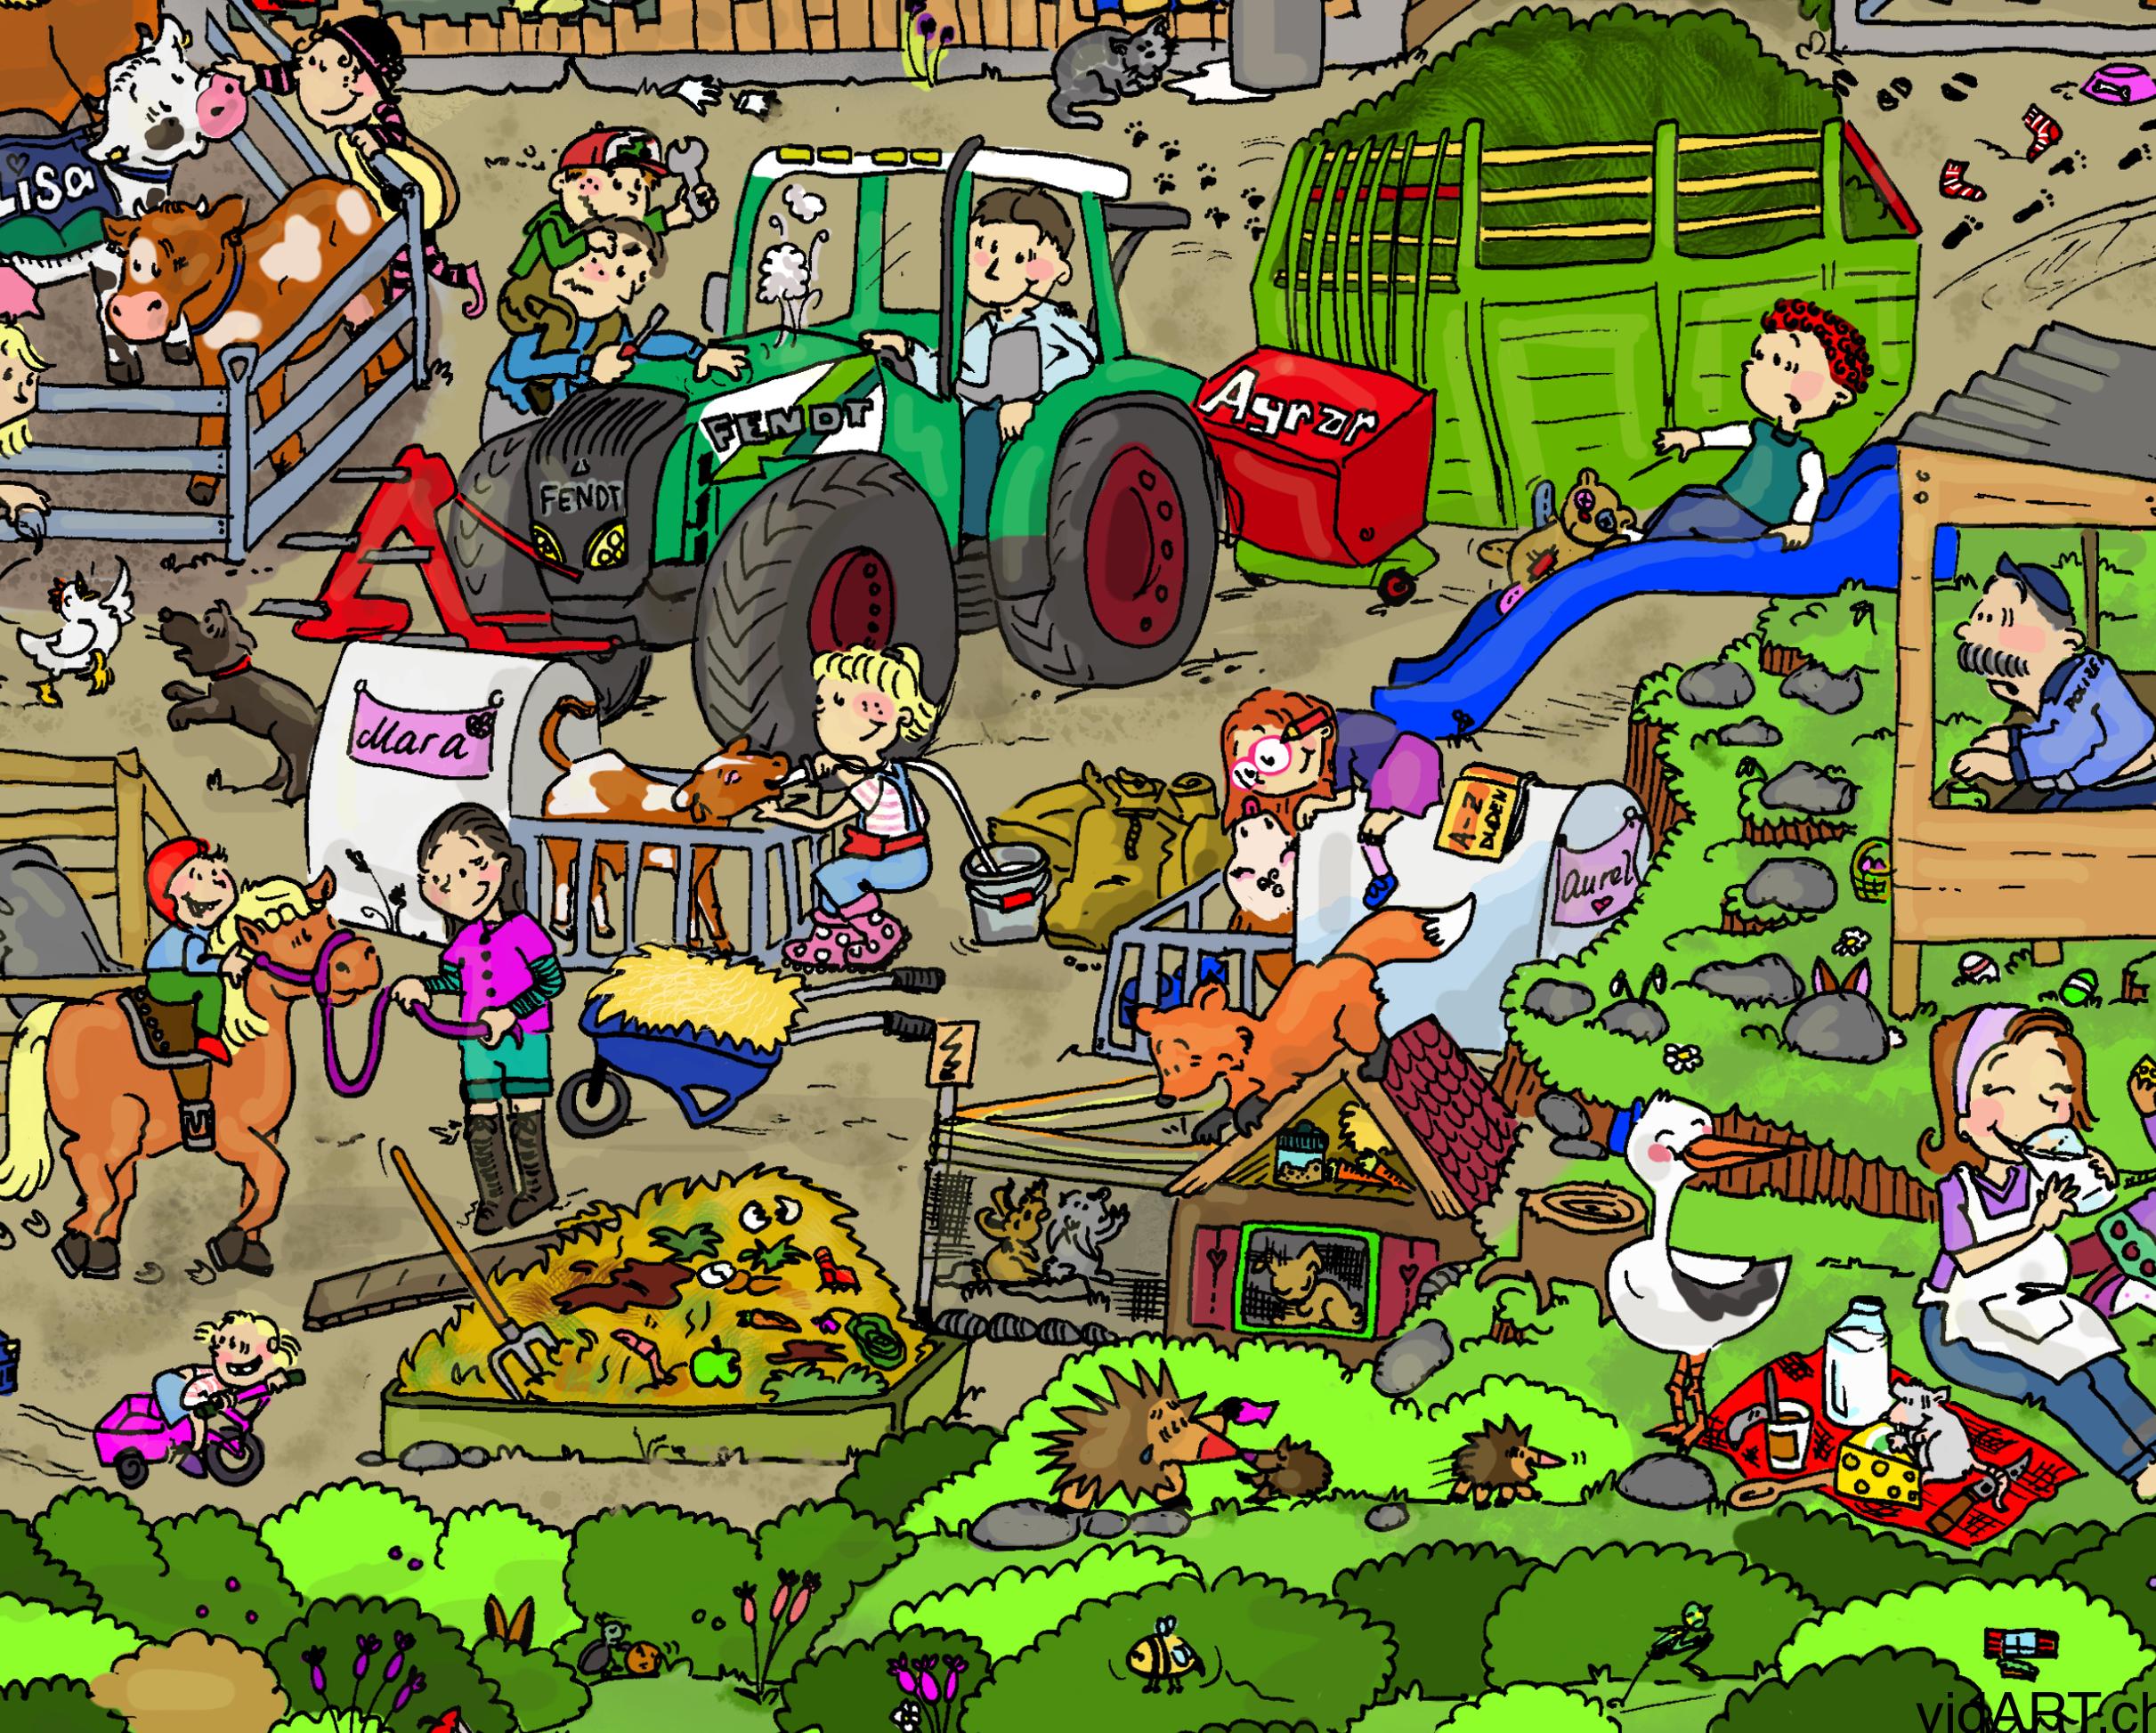 Ausschnitt Wimmelbild aus dem Kinderbuch Buurehof erläbe, Illustratorin Vida Sprenger vidART.ch